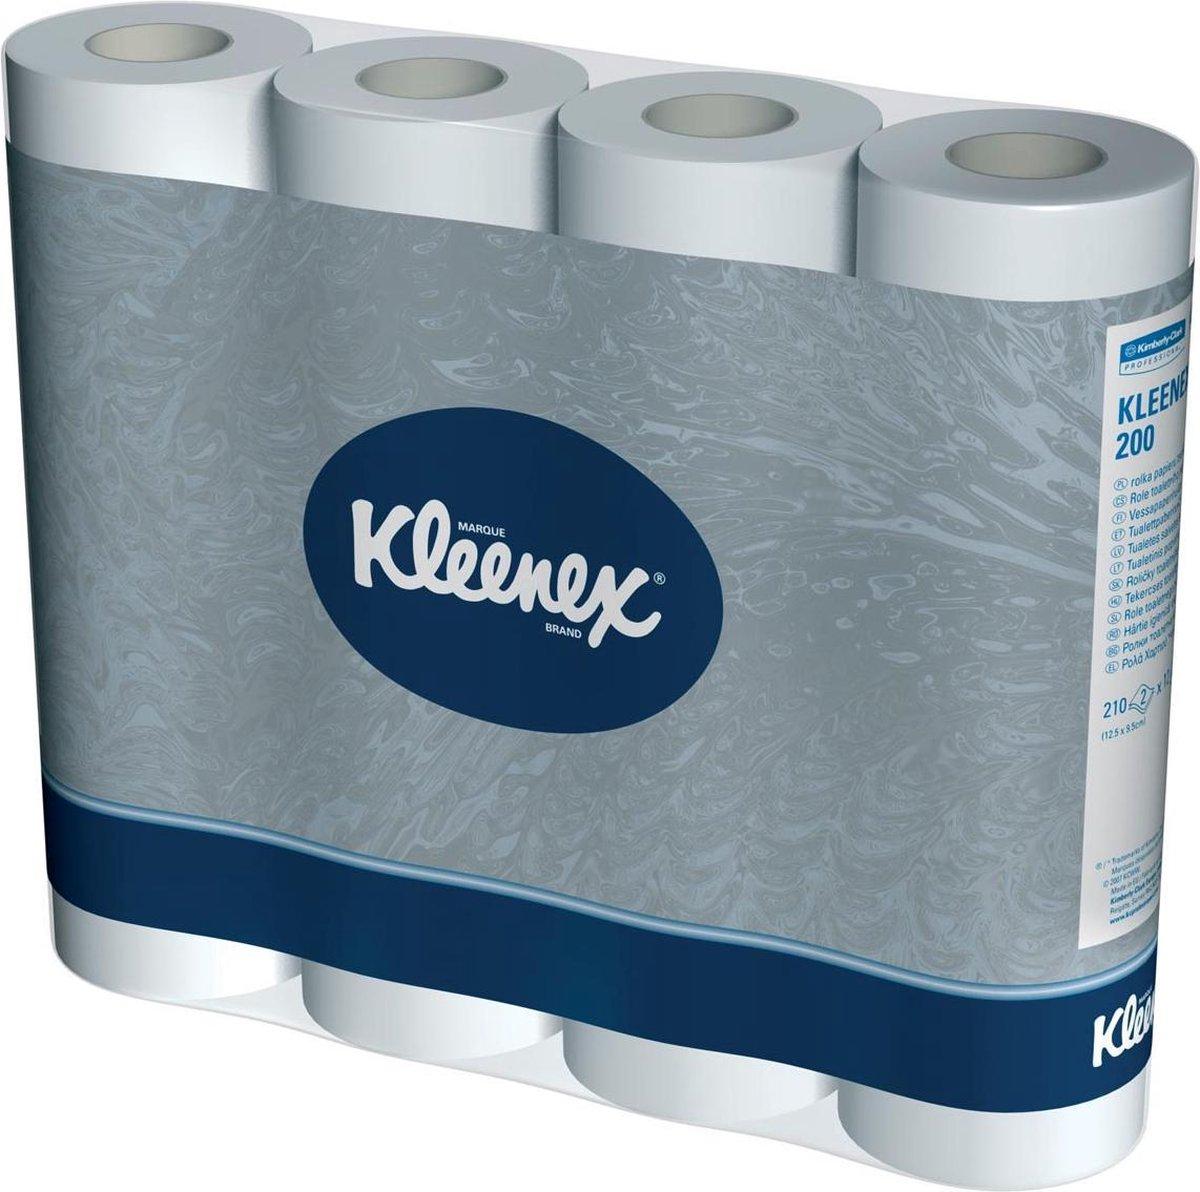 Kleenex toiletpapier 2-laags 210 vellen pak van 12 rollen